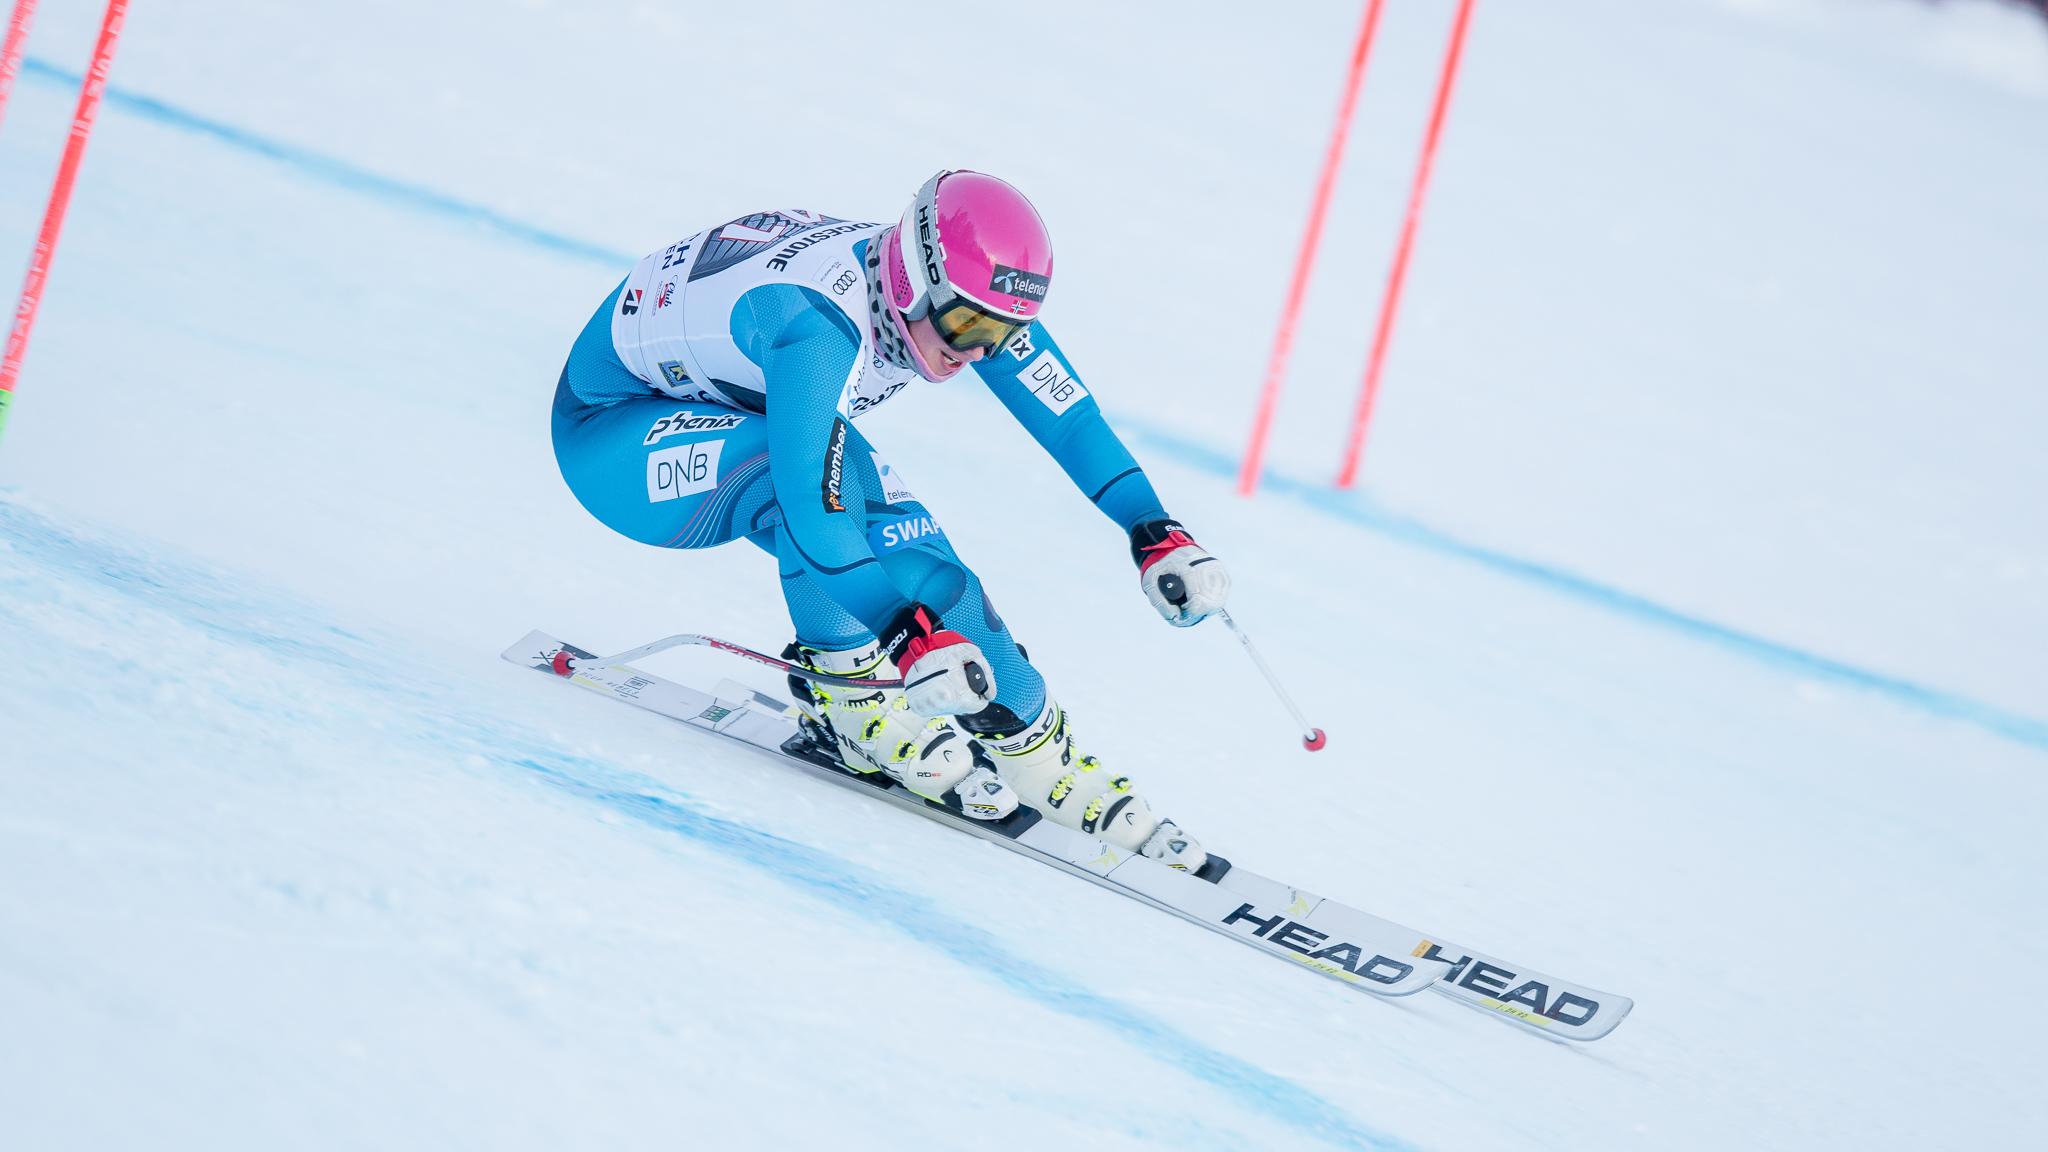 Cómo colocar los brazos en esqui